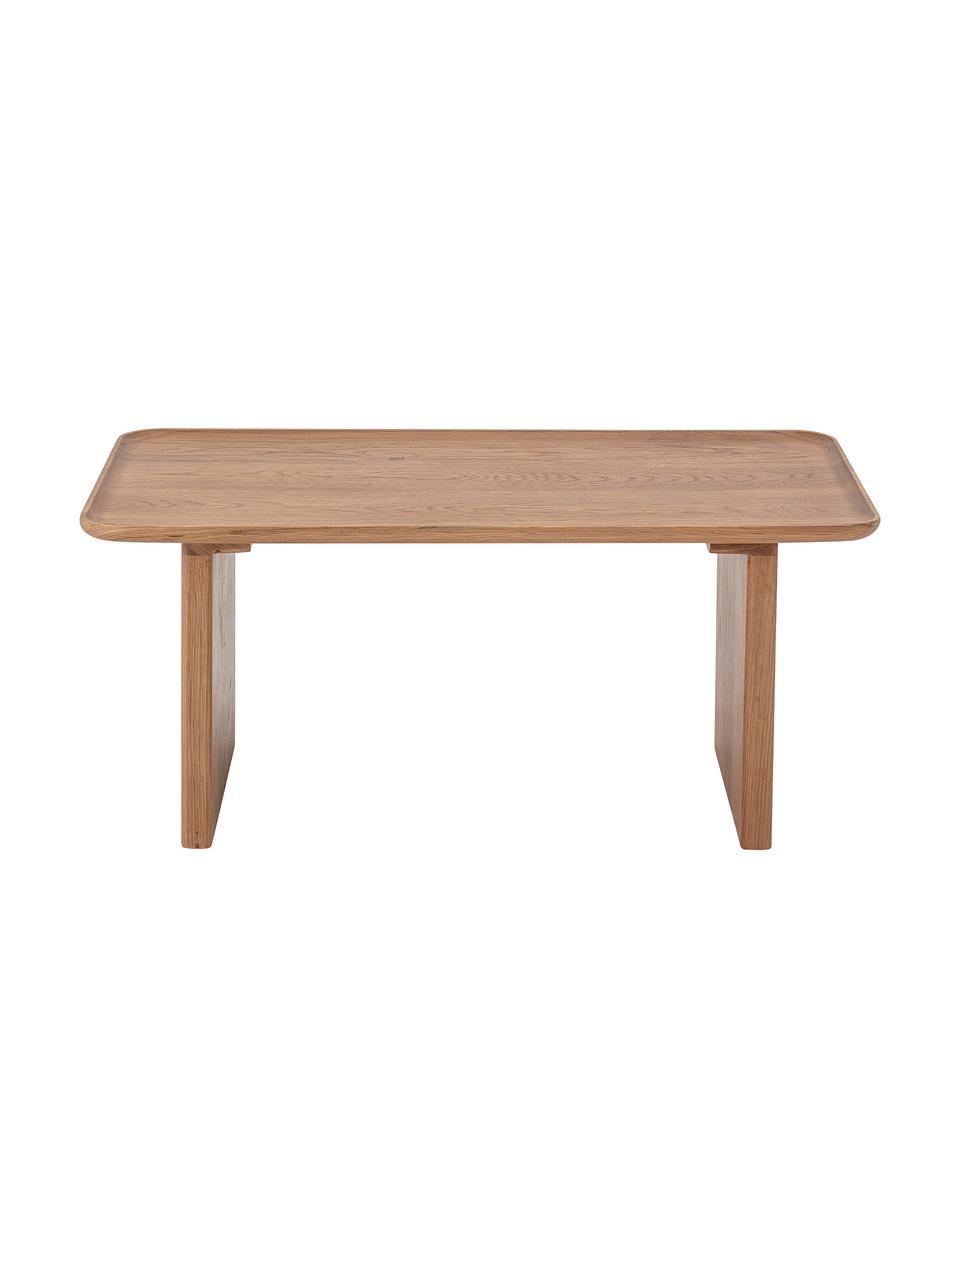 Table basse bois de chêne Rhys, Brun